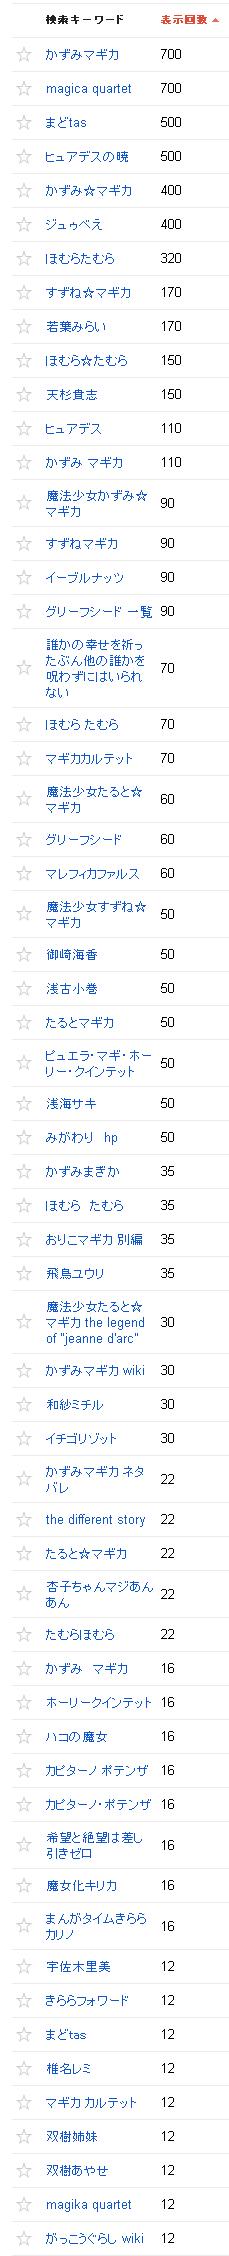 2013/12/02の検索数推移グラフ